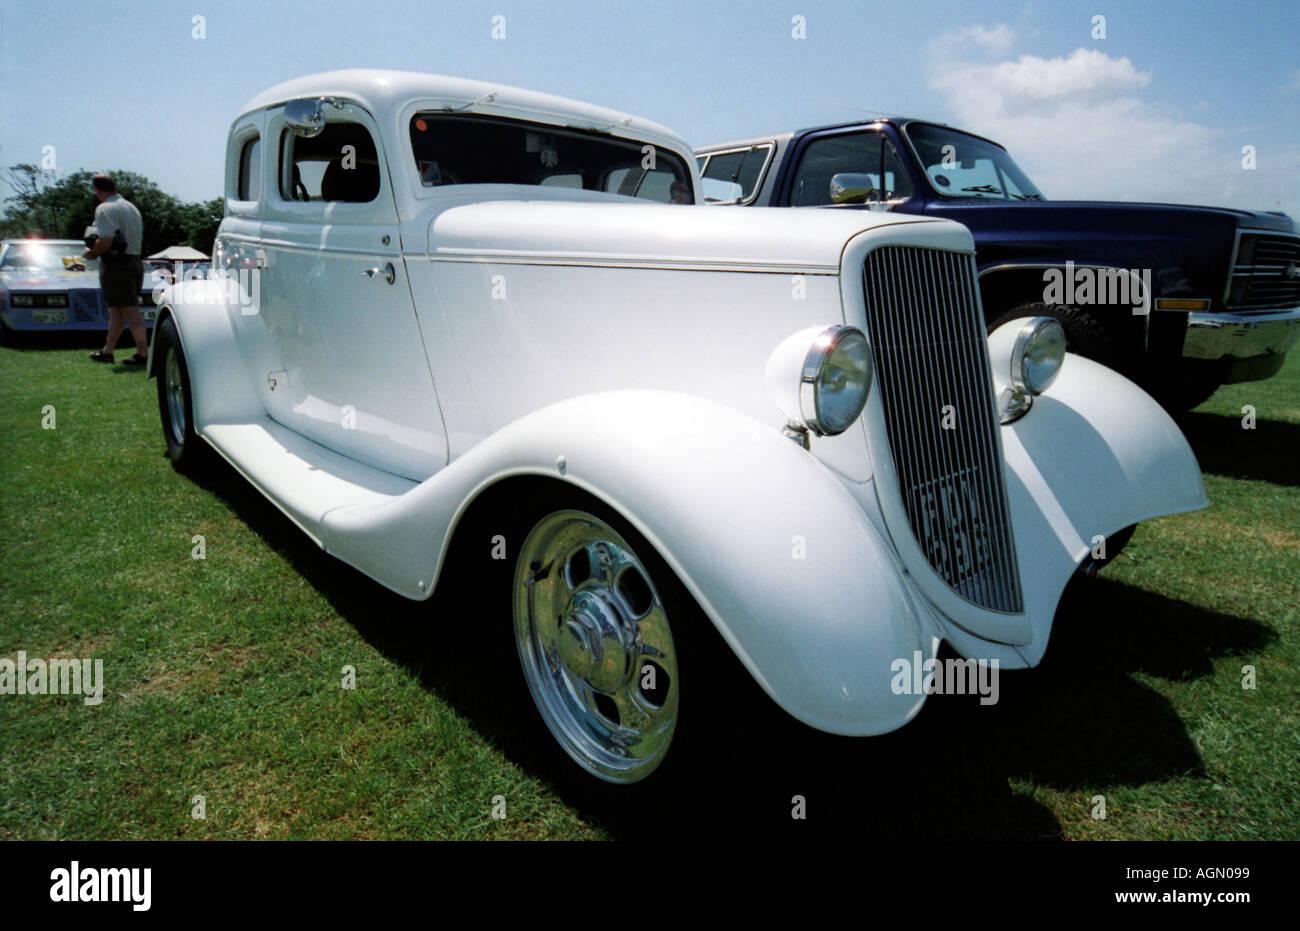 1930s Chevy Stock Photo Alamy